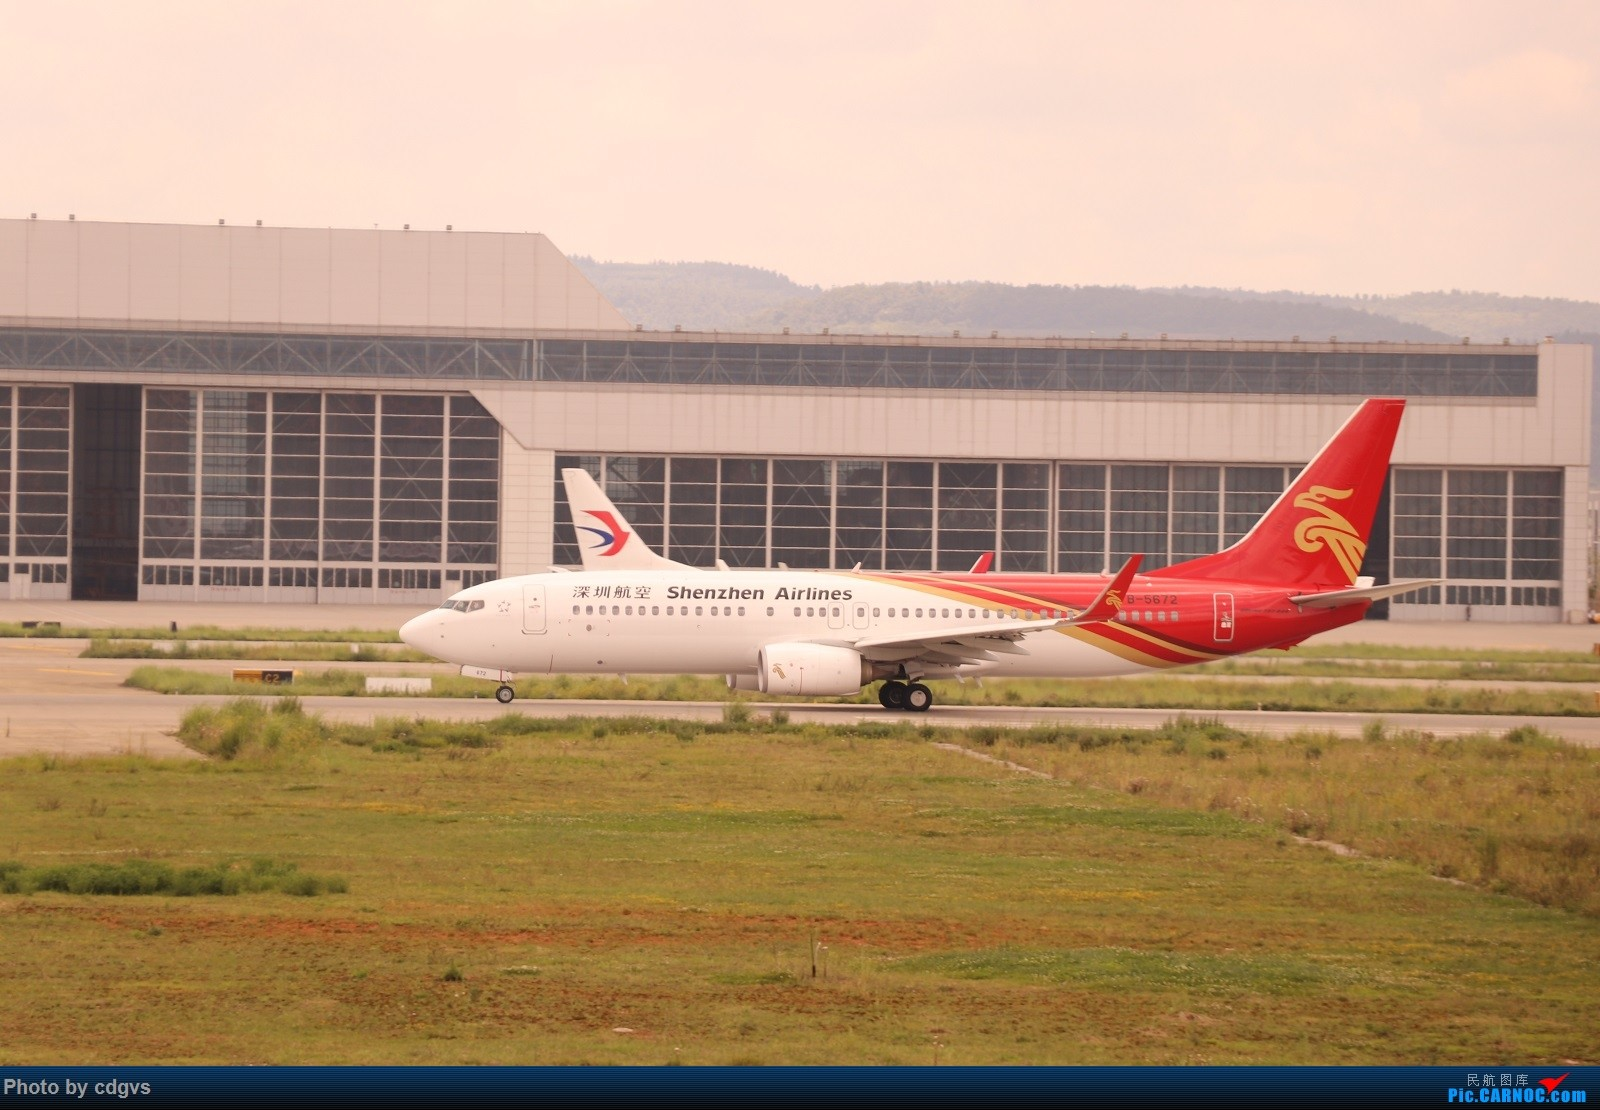 Re:[原创]【KMG】昆明的一天 1600大图 一次看个爽 BOEING 737-800 B-5572 中国昆明长水国际机场